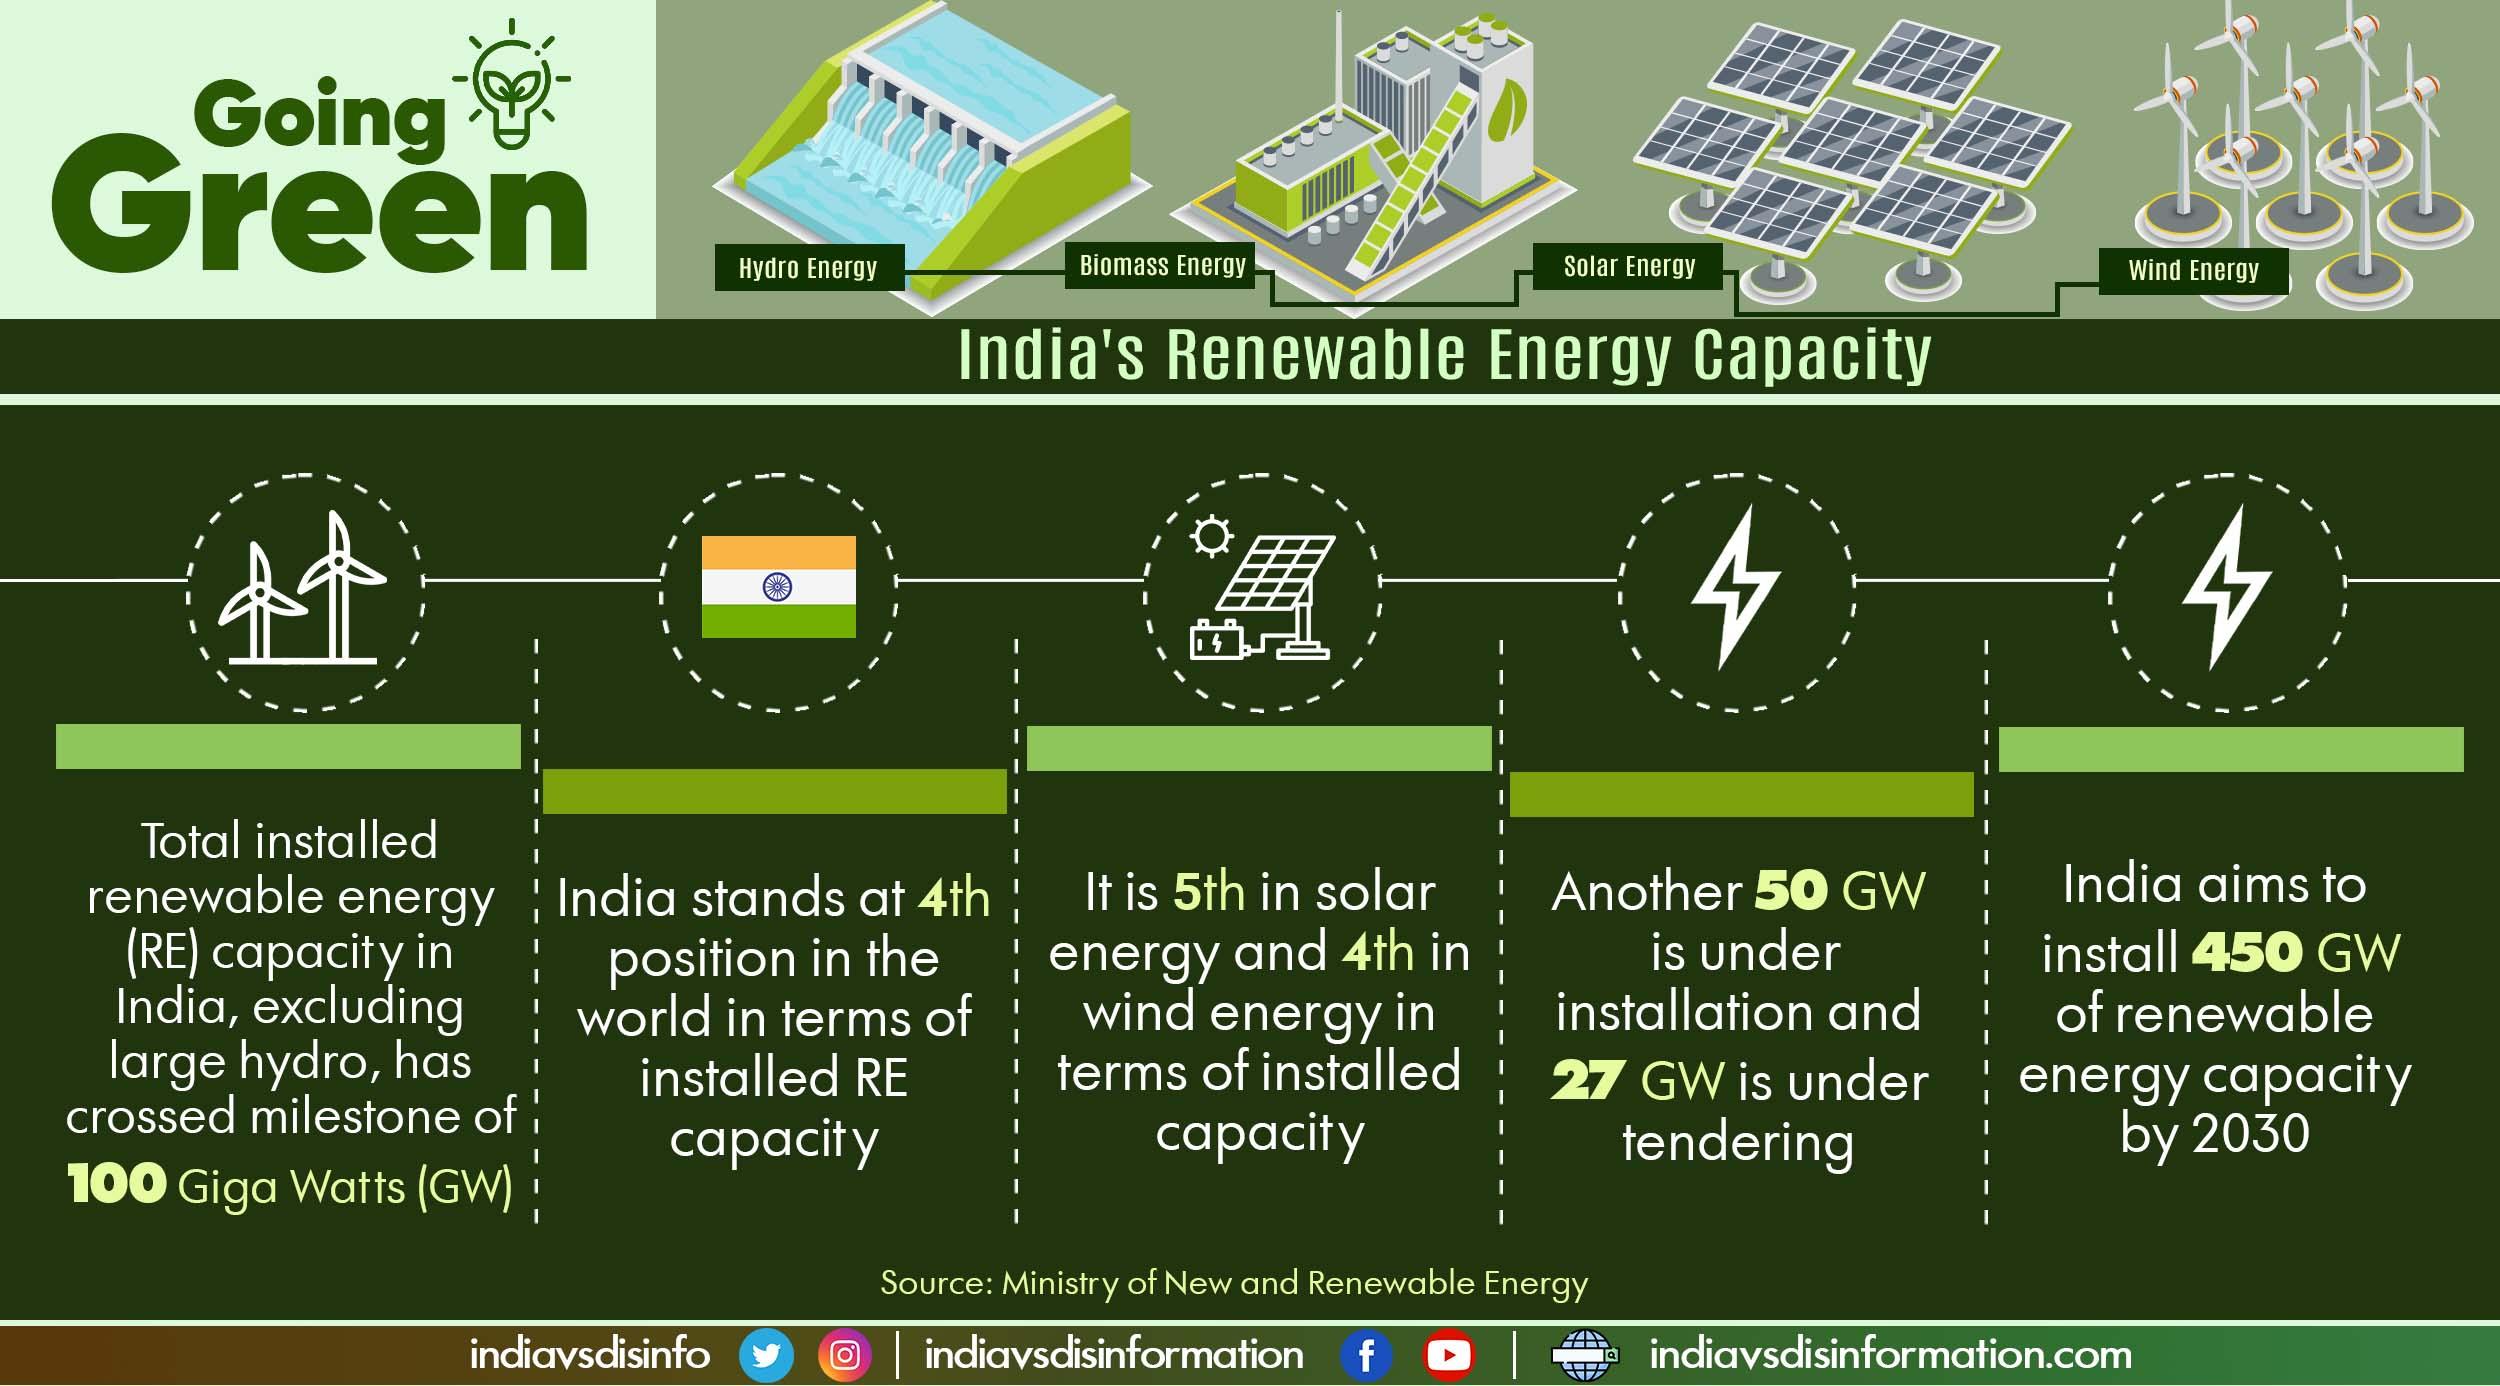 Green energy: India's installed Renewable Energy capacity crosses milestone of 100 GW